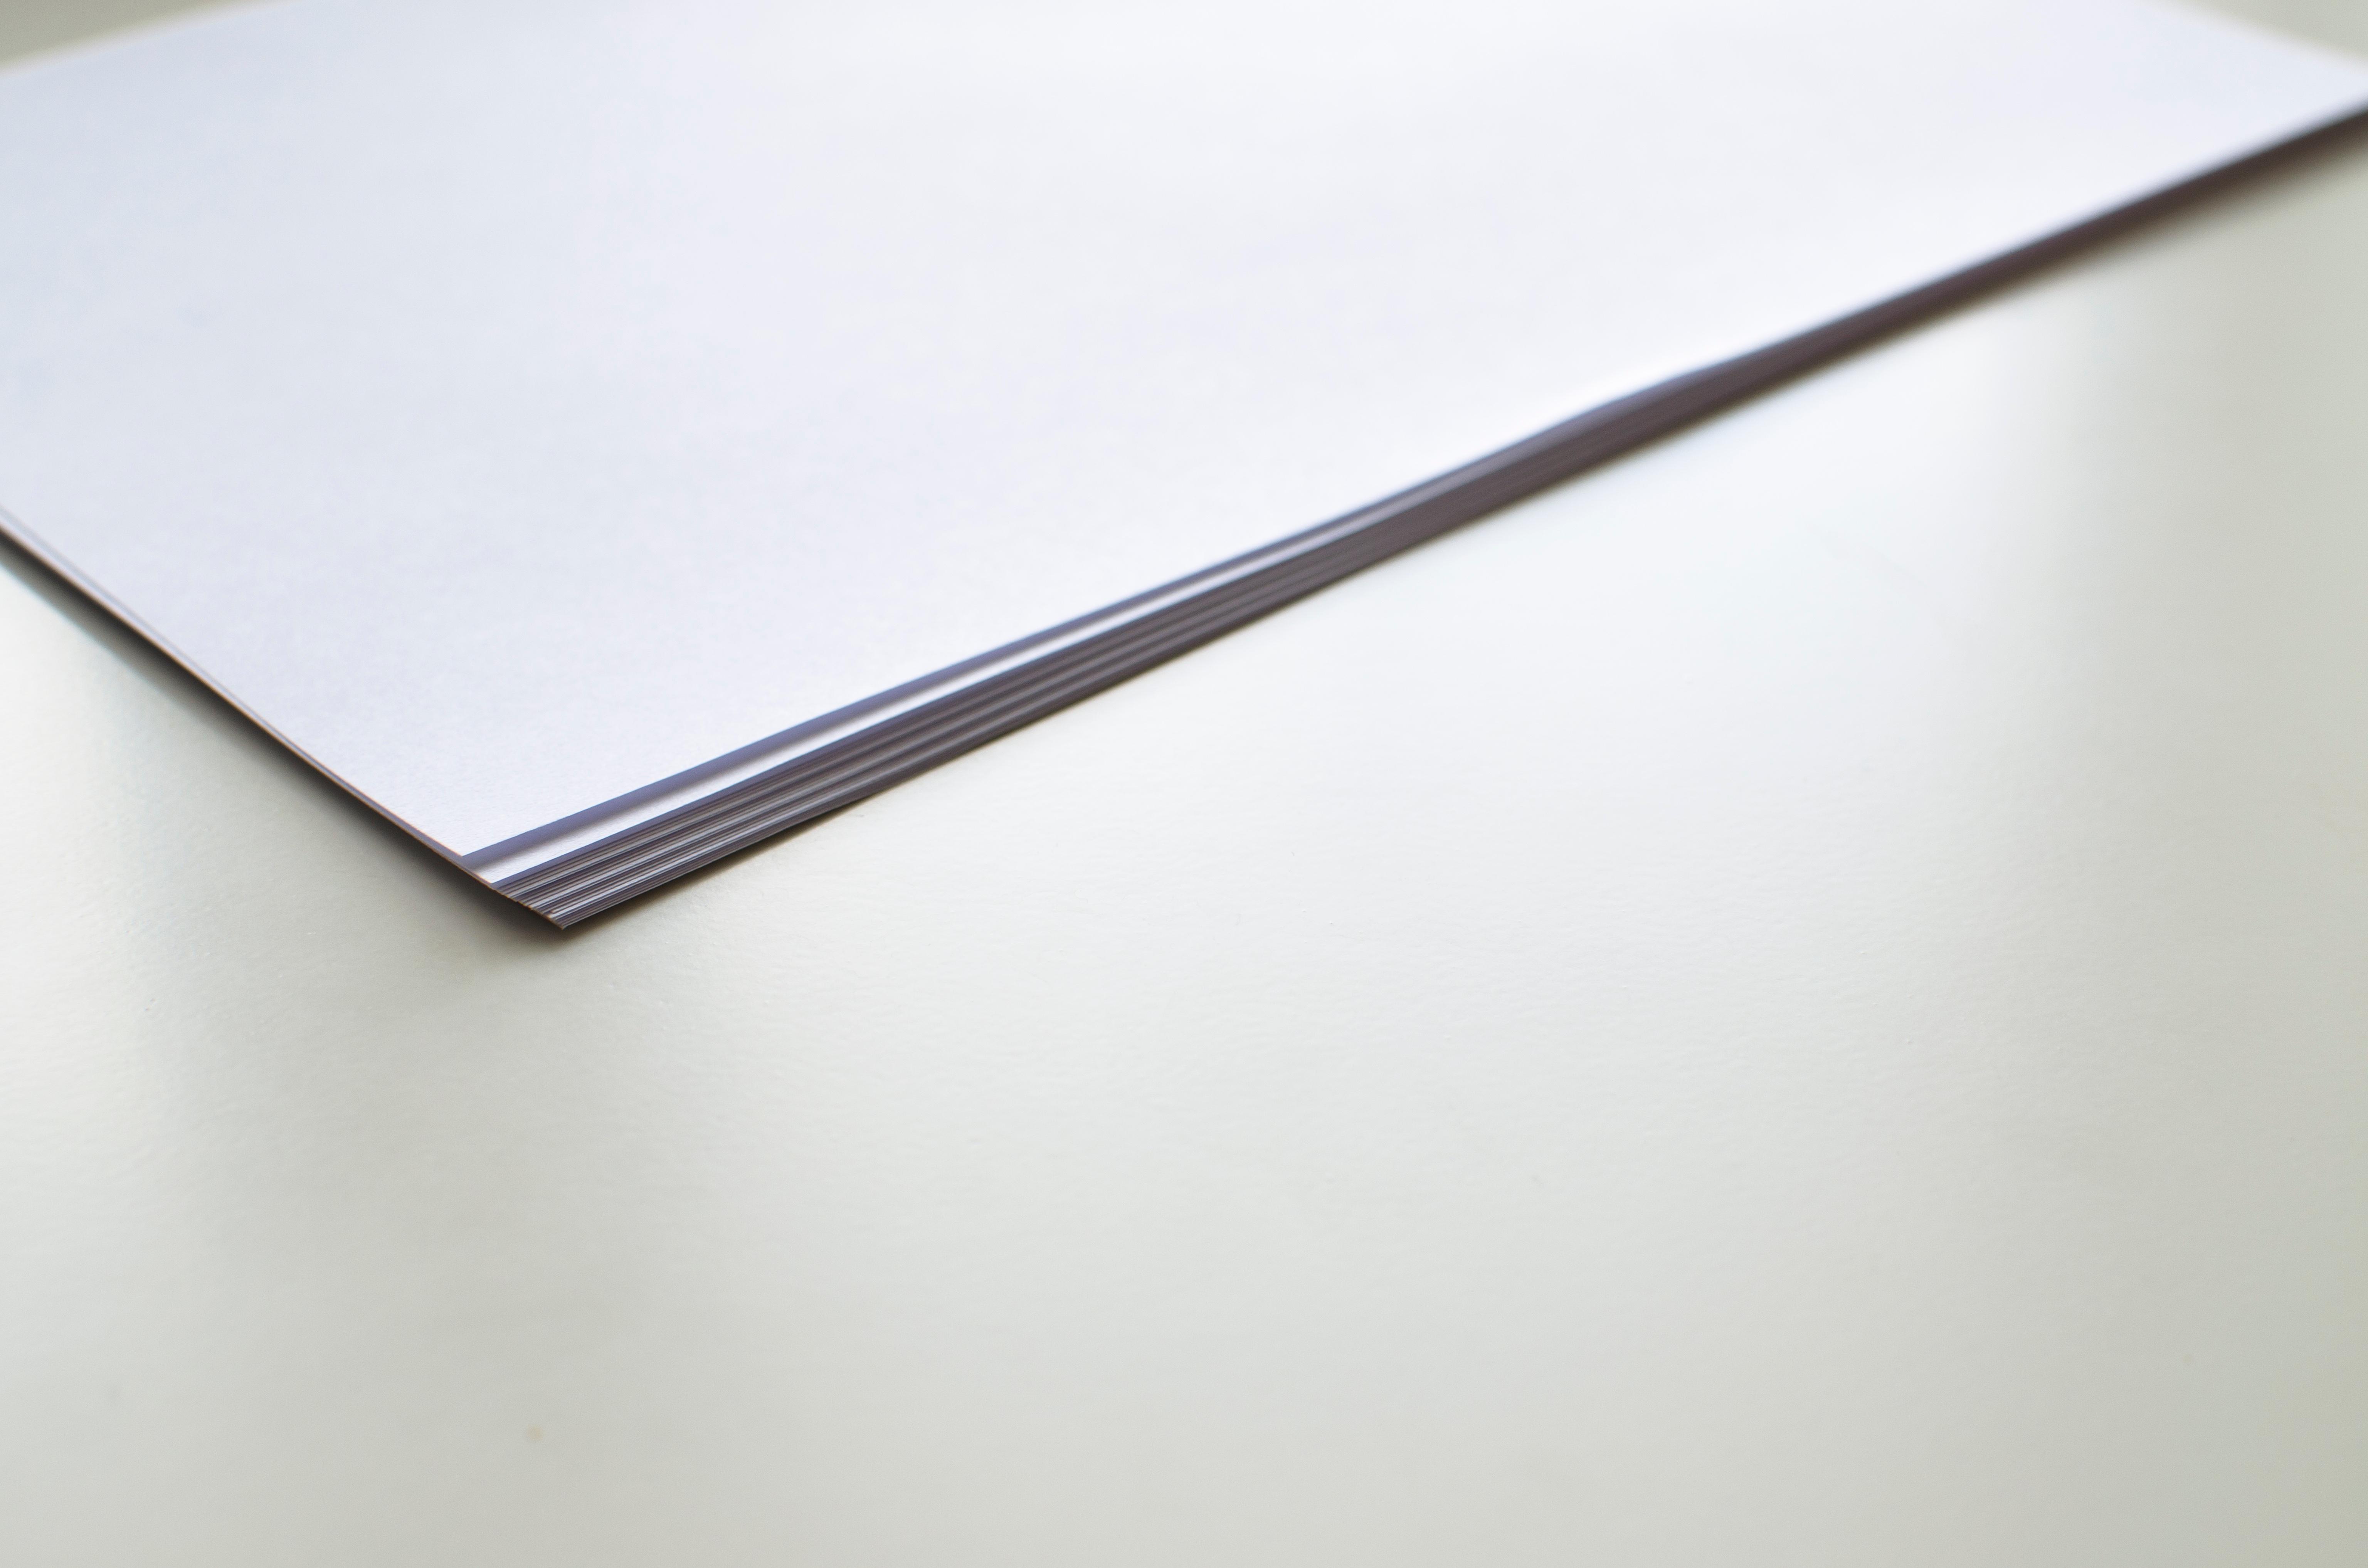 Kostenlose foto : Holz, Decke, Linie, Papier-, Material, Produkt ...